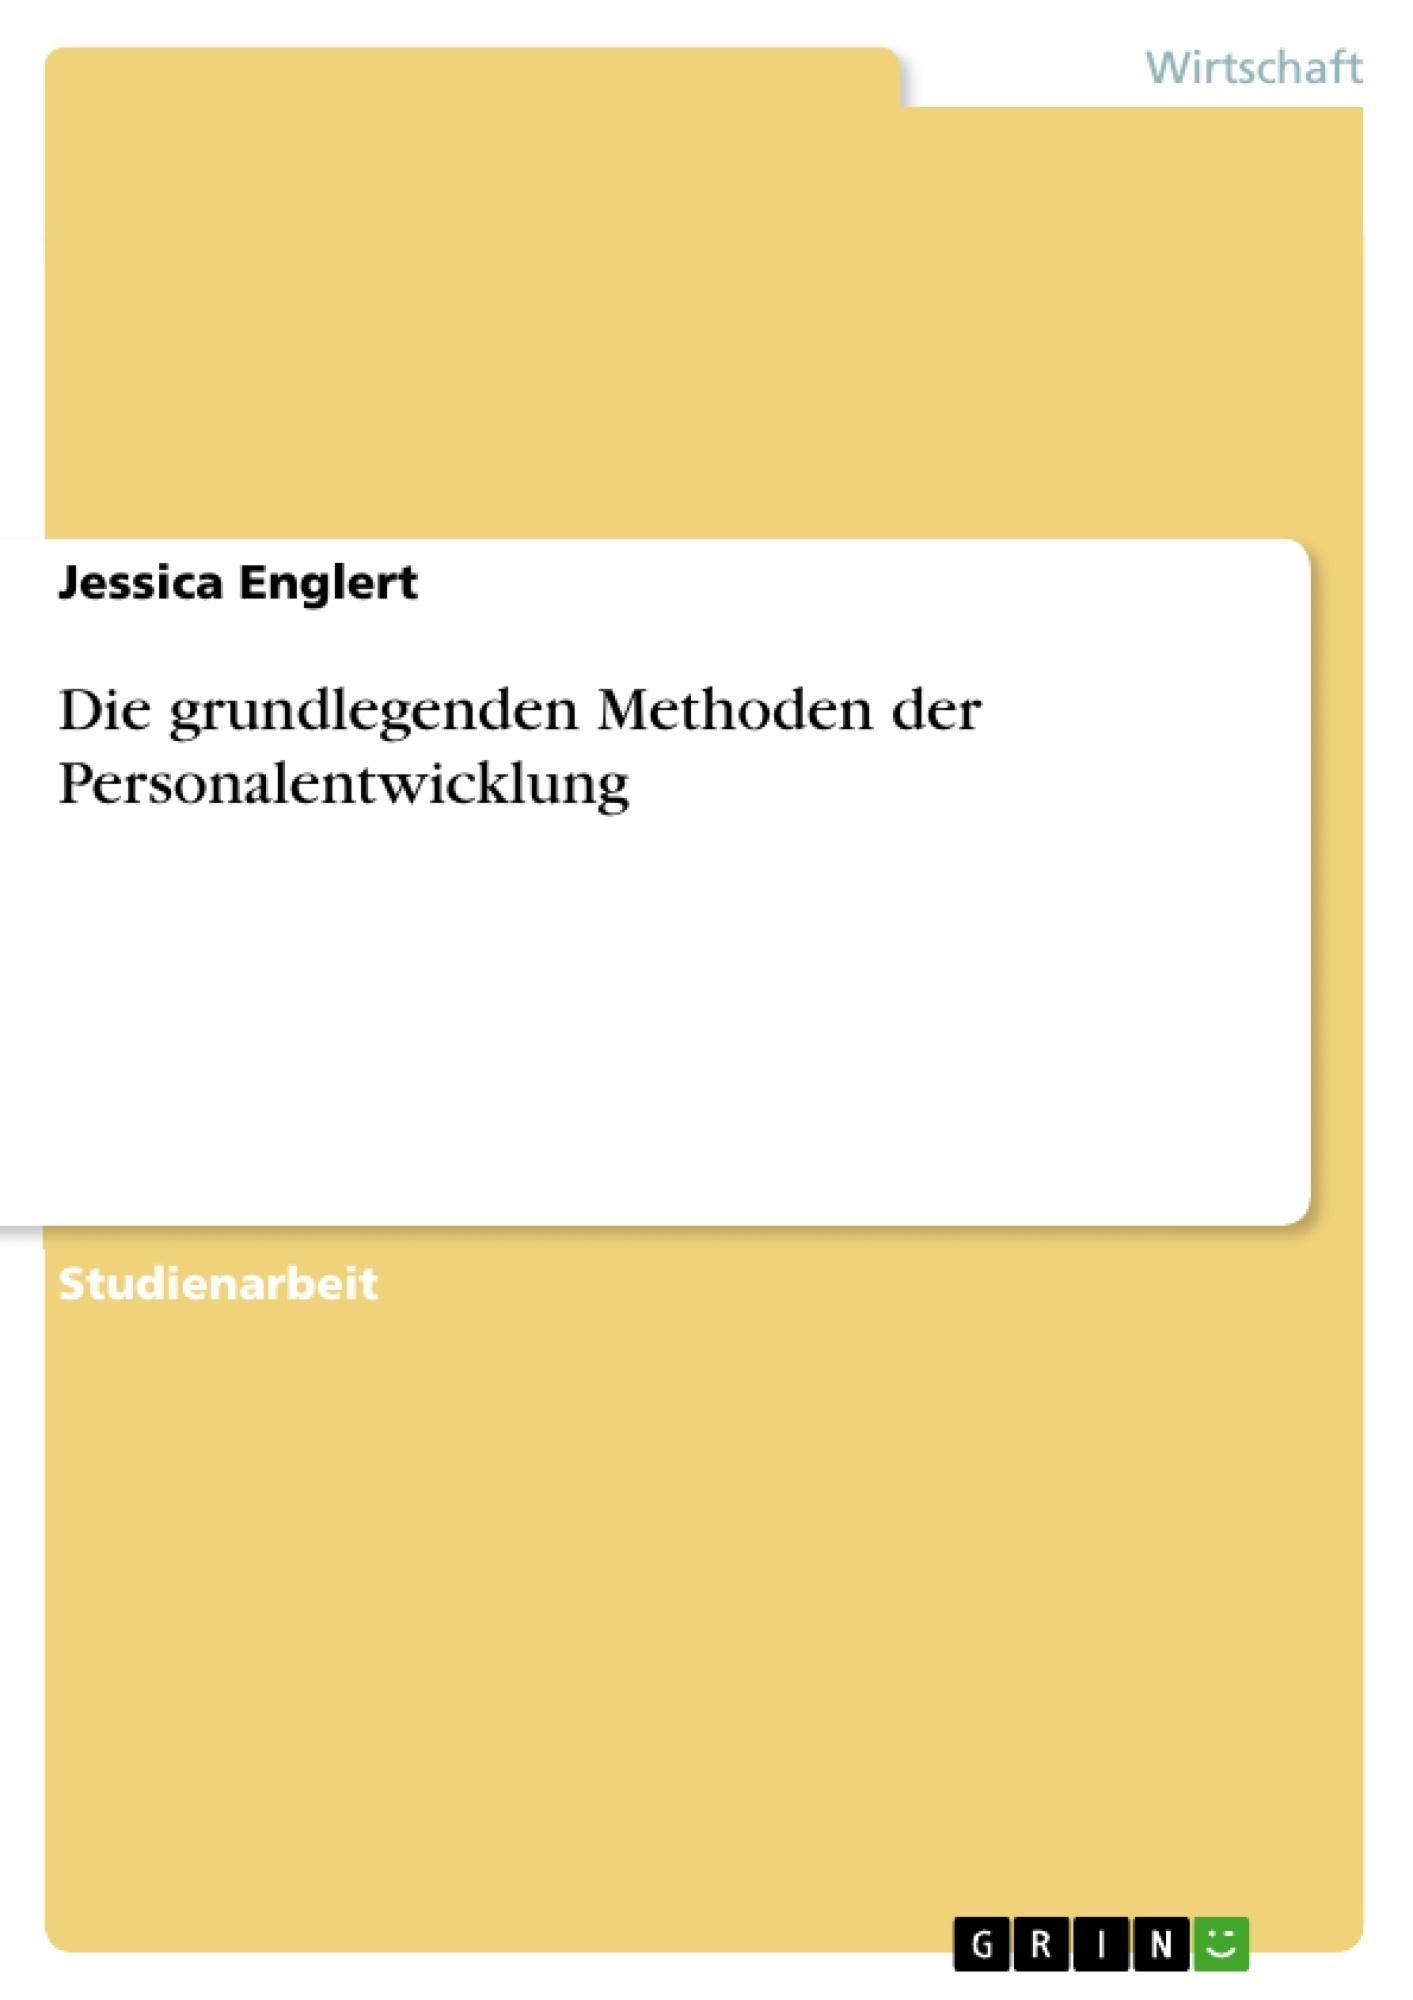 Titel: Die grundlegenden Methoden der Personalentwicklung